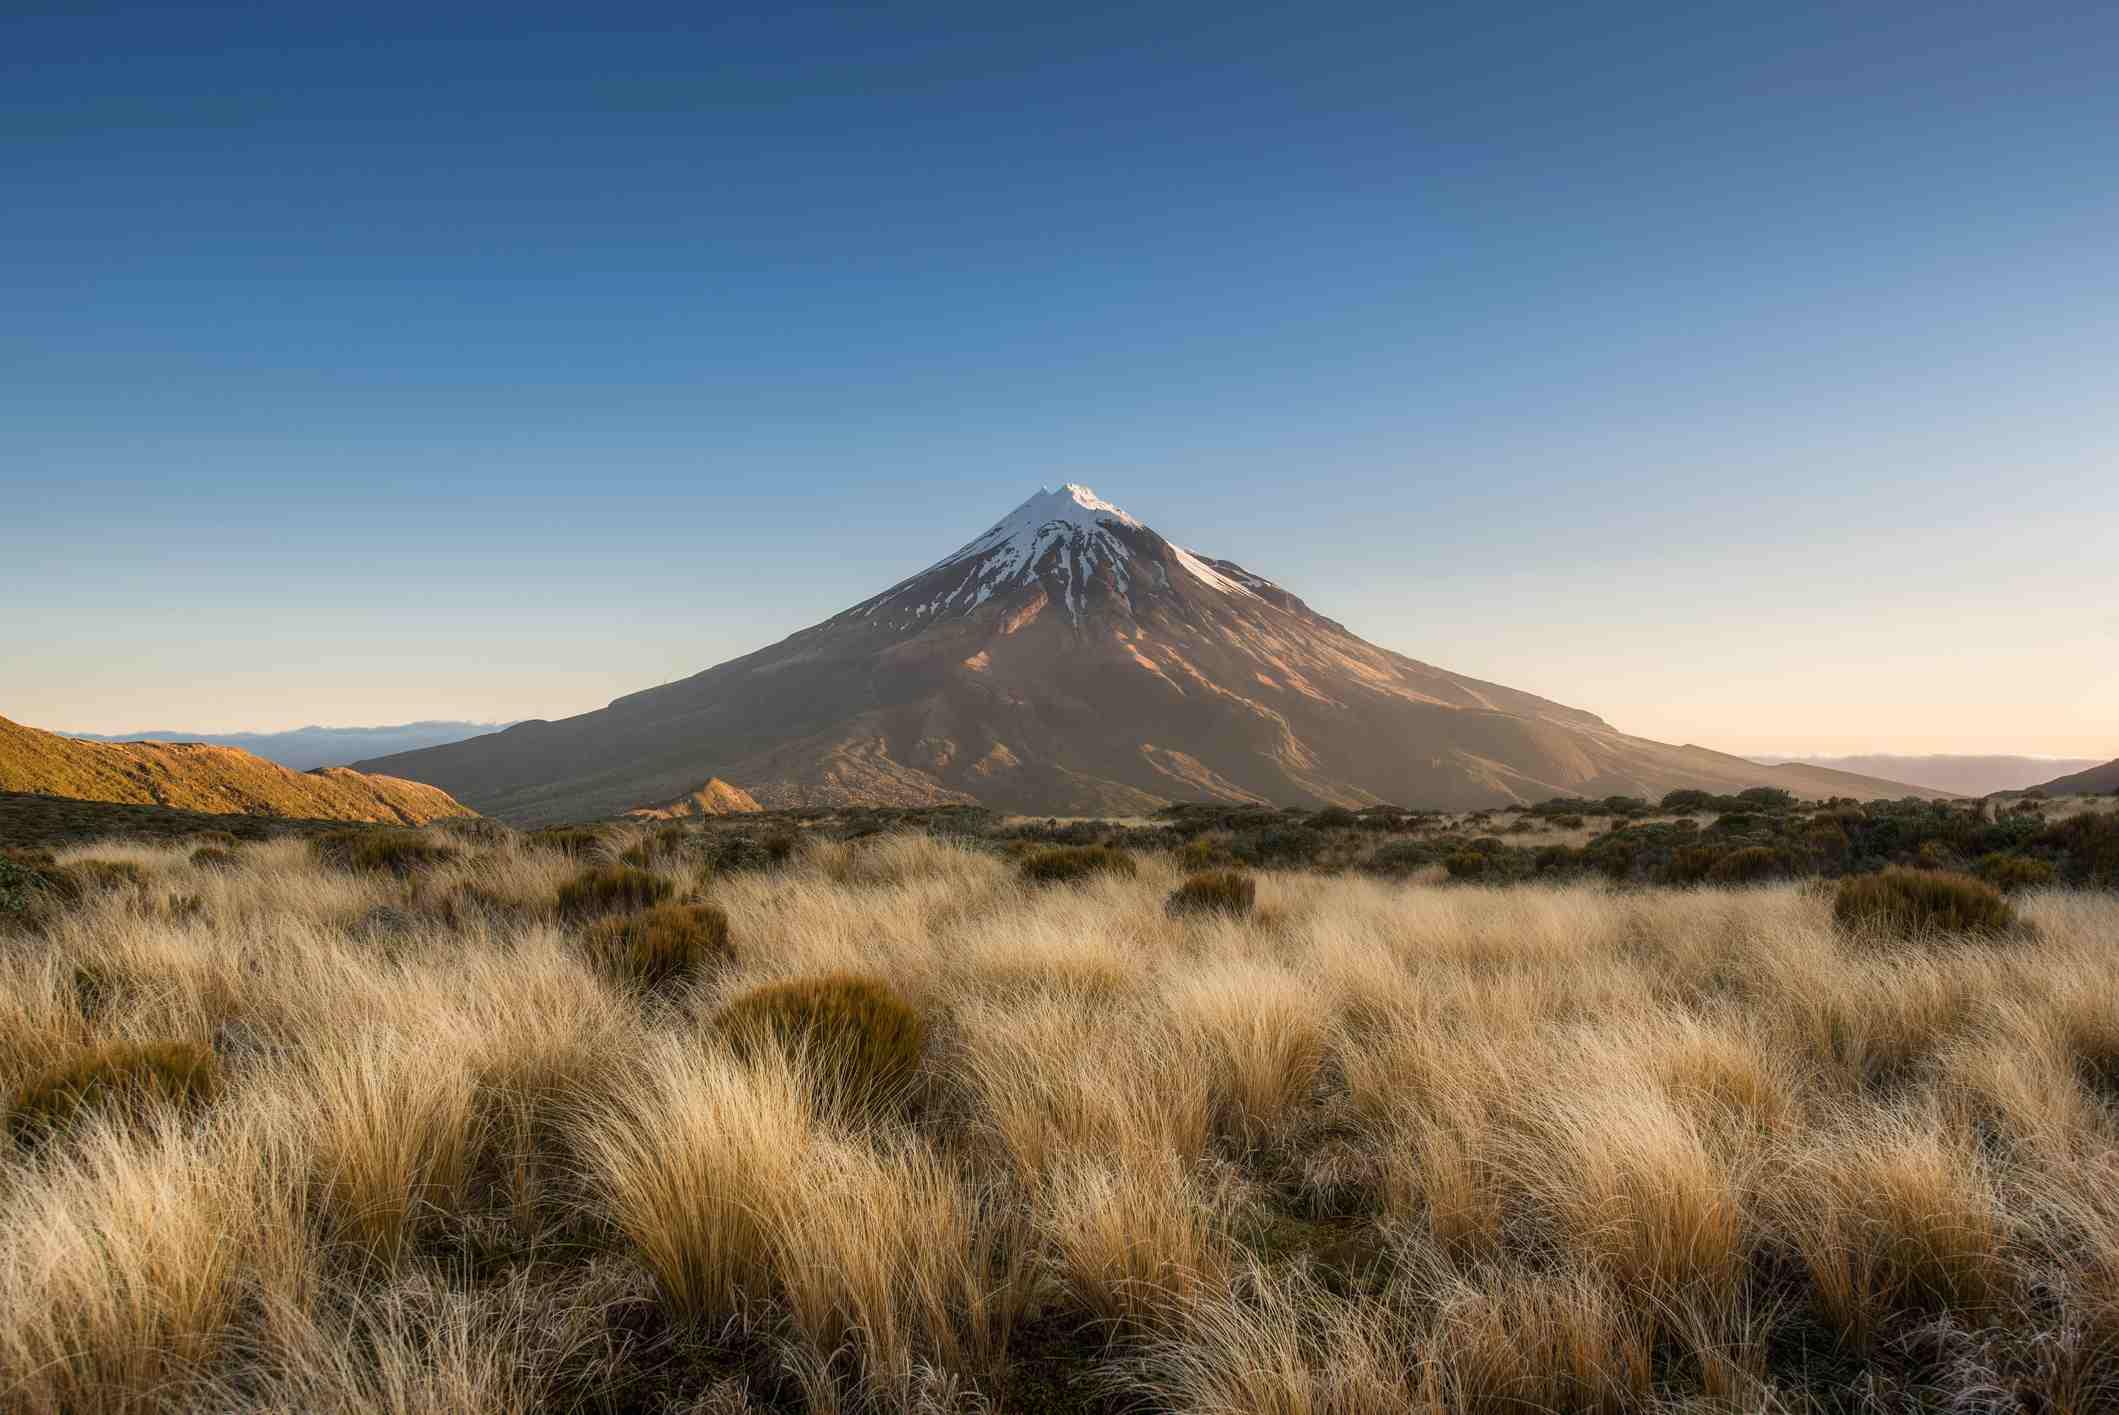 Mount Taranaki a dormant volcano in New Zealand